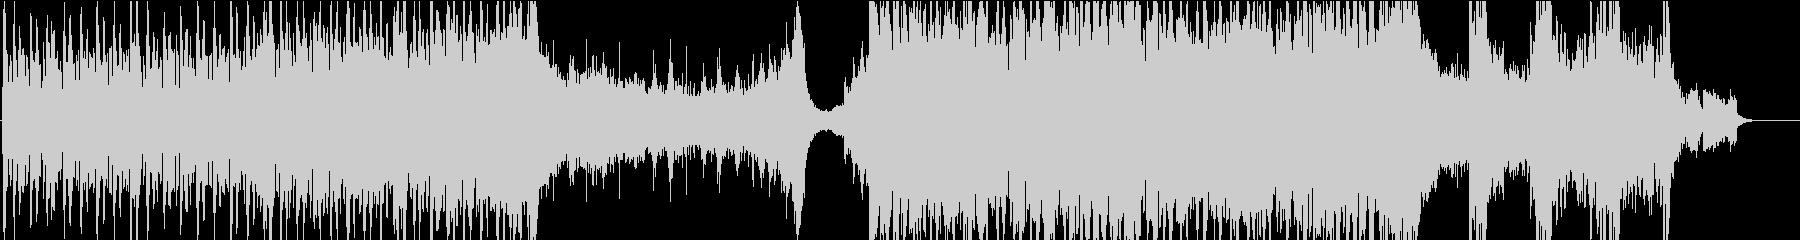 サスペンス、シリアスな劇伴ドラムンベースの未再生の波形